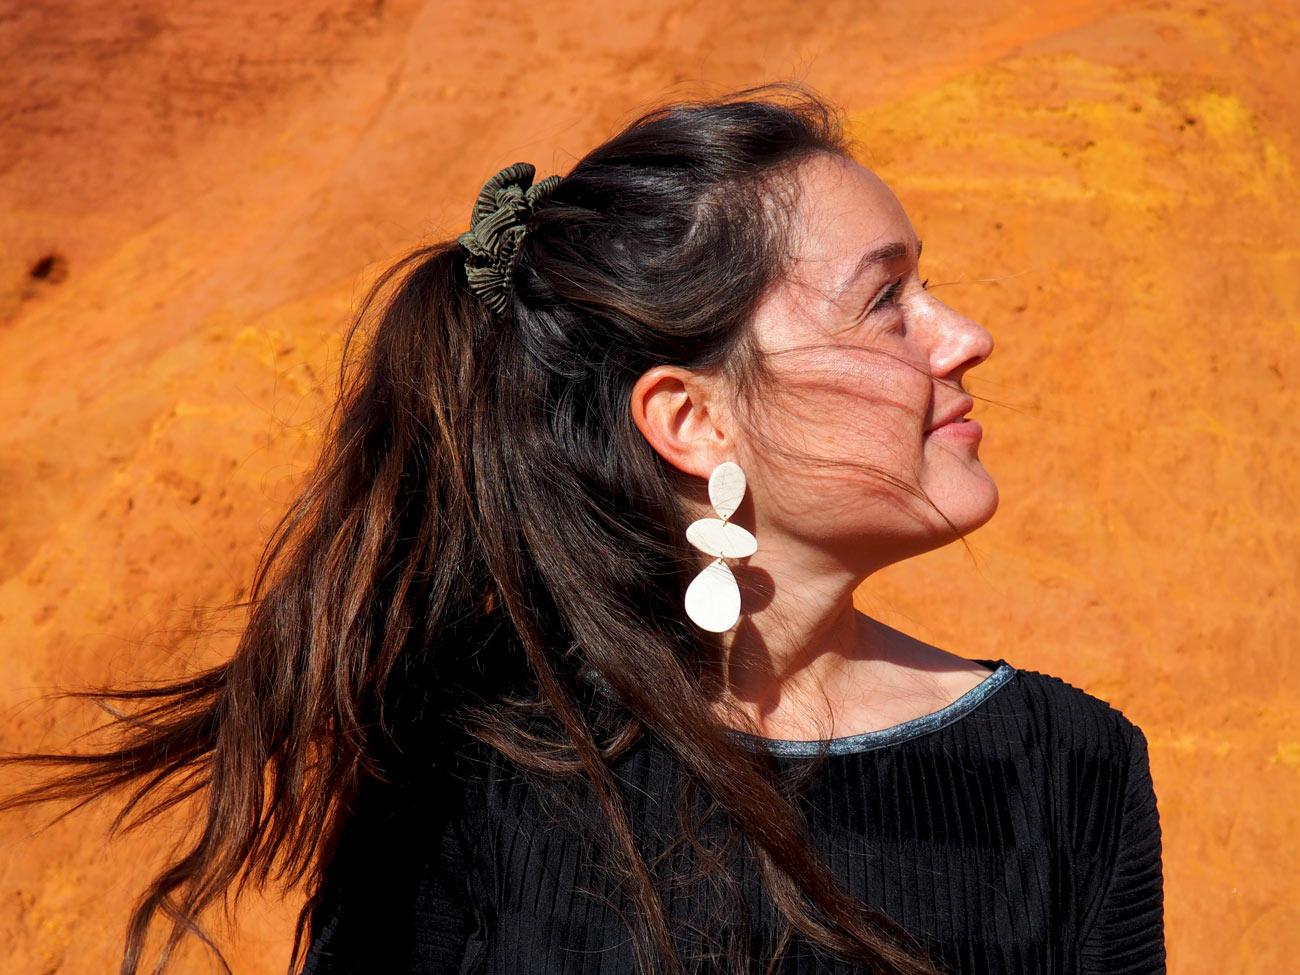 Helka, bijoux à Aix-en-Provence : modèle portant des boucles d'oreilles blanches